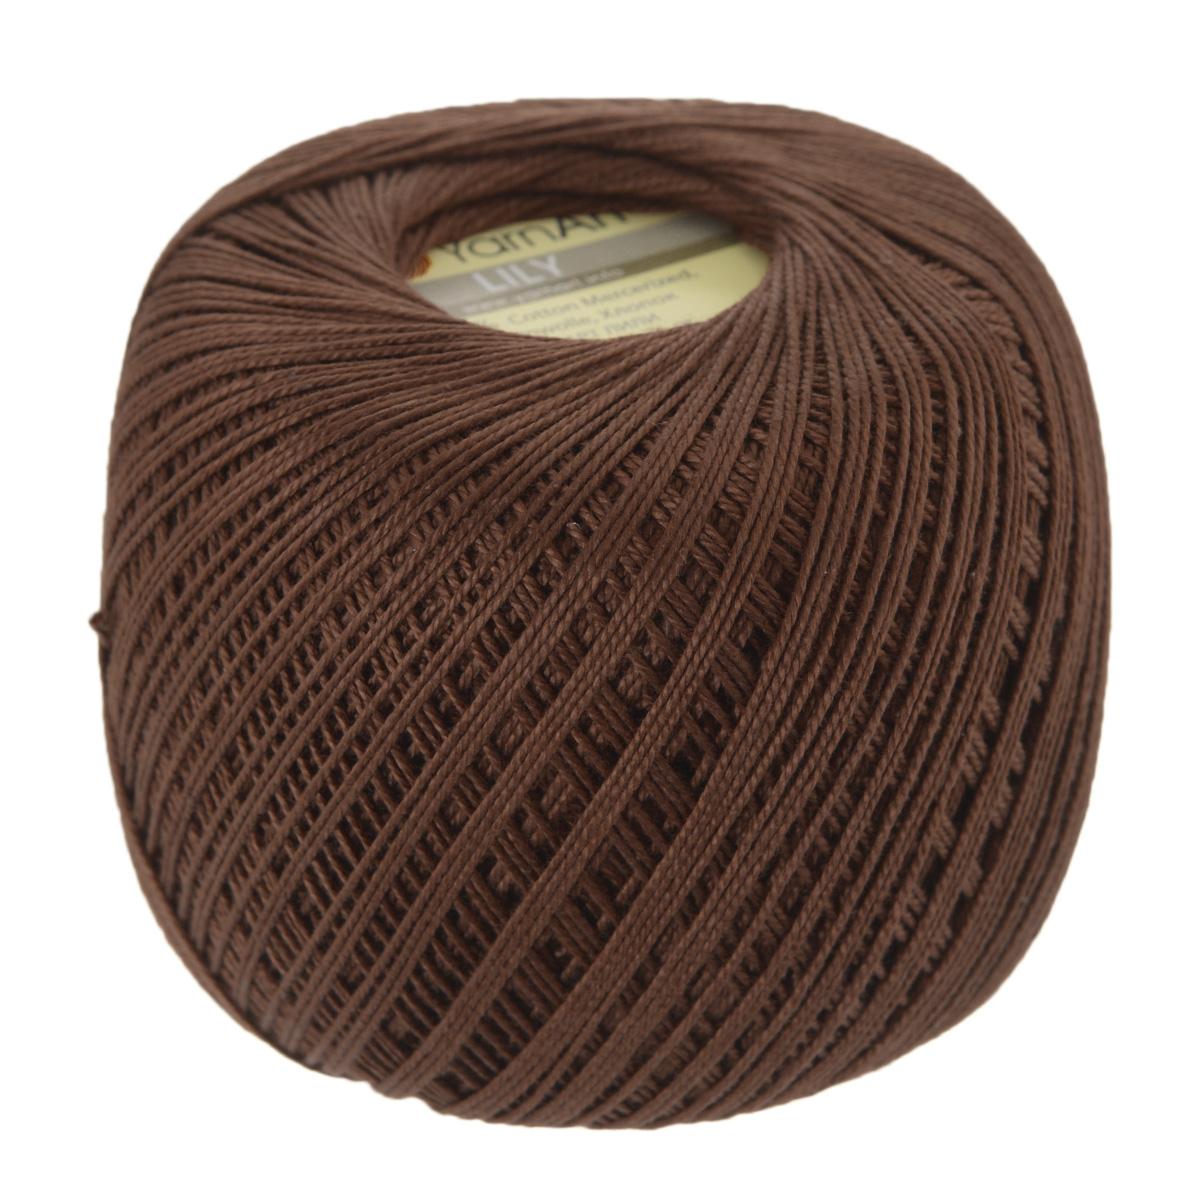 Пряжа для вязания YarnArt Lily, цвет: коричневый (0005), 225 м, 50 г, 8 шт372073_0005Пряжа YarnArt Lily - тонкая, гладкая и упругая пряжа из 100% мерсеризованного хлопка для вязания крючком и спицами. Нить хорошо скручена и не расслаивается. Это классическая пряжа, которая пользуется большой популярностью. Отлично подходит для вязания ажурных изделий. Замечательный вариант для вязания в технике ирландского кружева. Рекомендуется для вязания крючком 1,75-2 мм и на спицах 2,5 мм. Комплектация: 8 мотков. Толщина нити: 1 мм. Состав: 100% мерсеризованный хлопок.